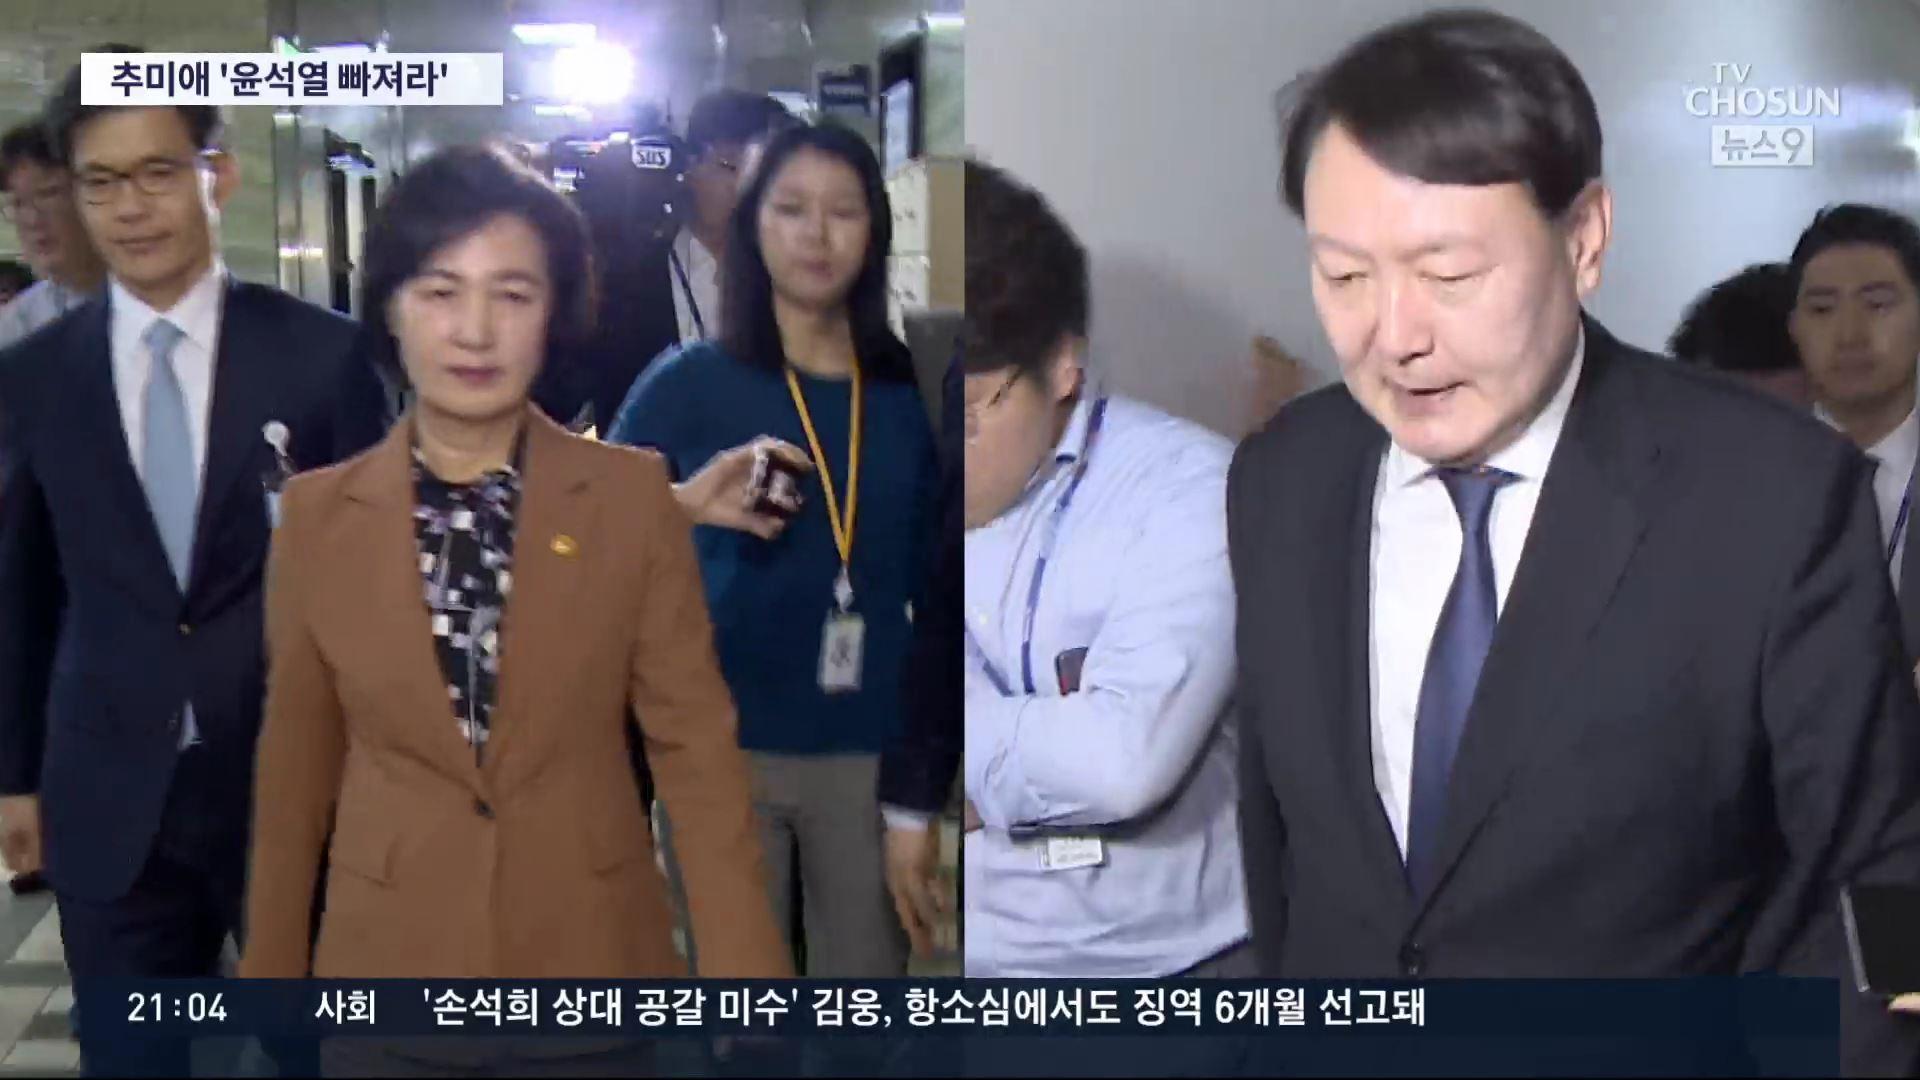 秋, '尹 관련' 전방위 수사지시…'총장지시 받지말고 결과만 보고'